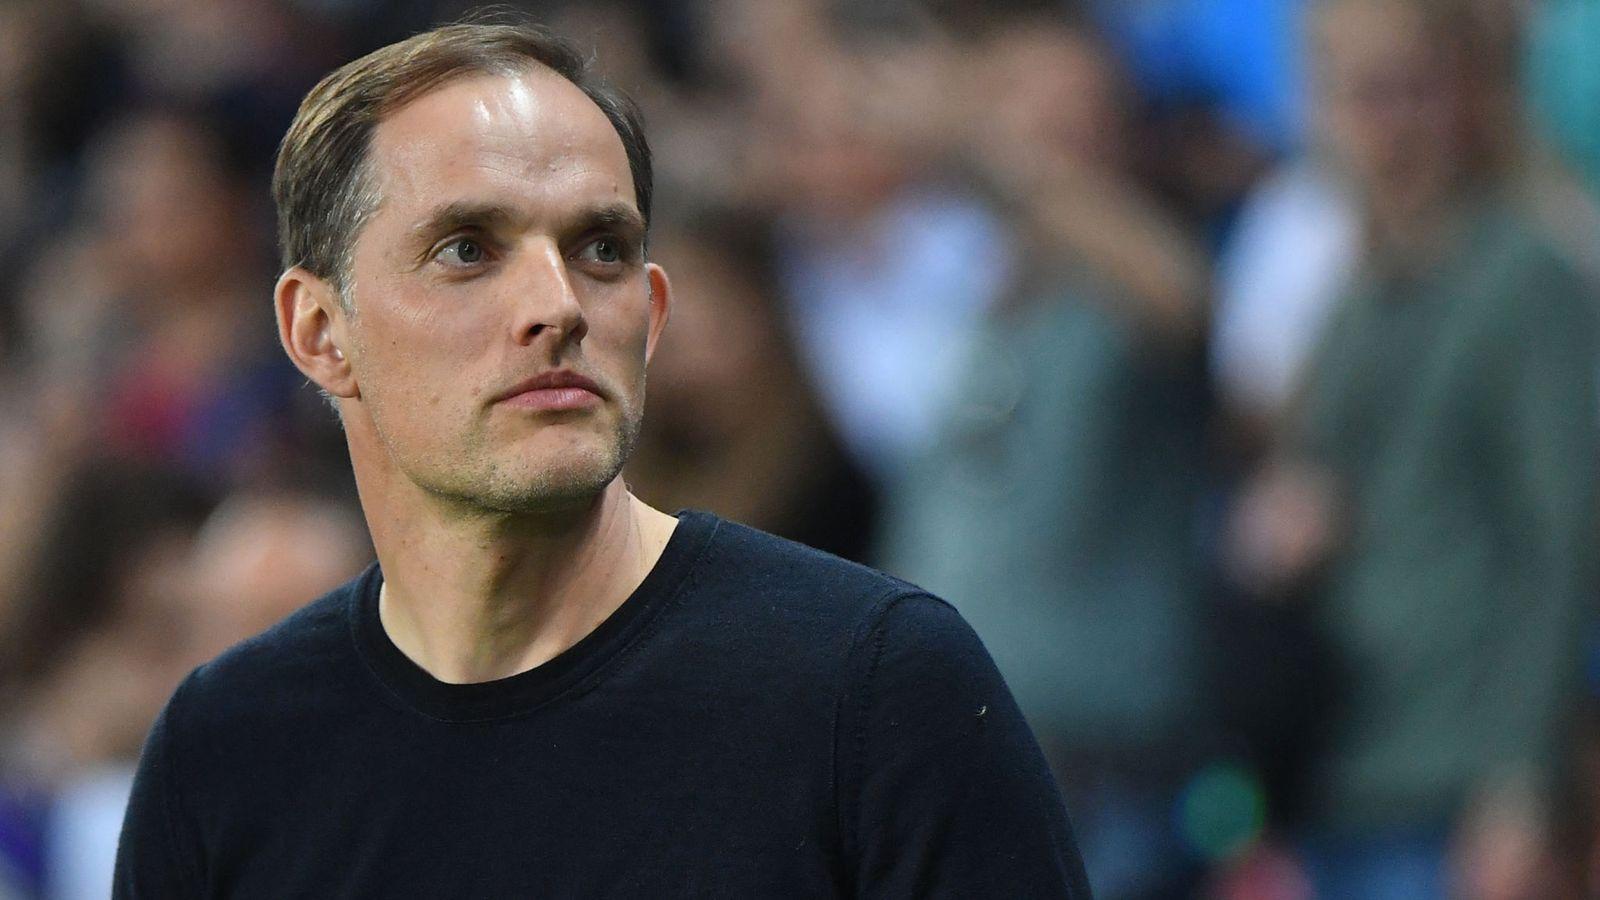 德国天空体育:拜仁开始接触巴黎圣日耳曼主帅图赫尔